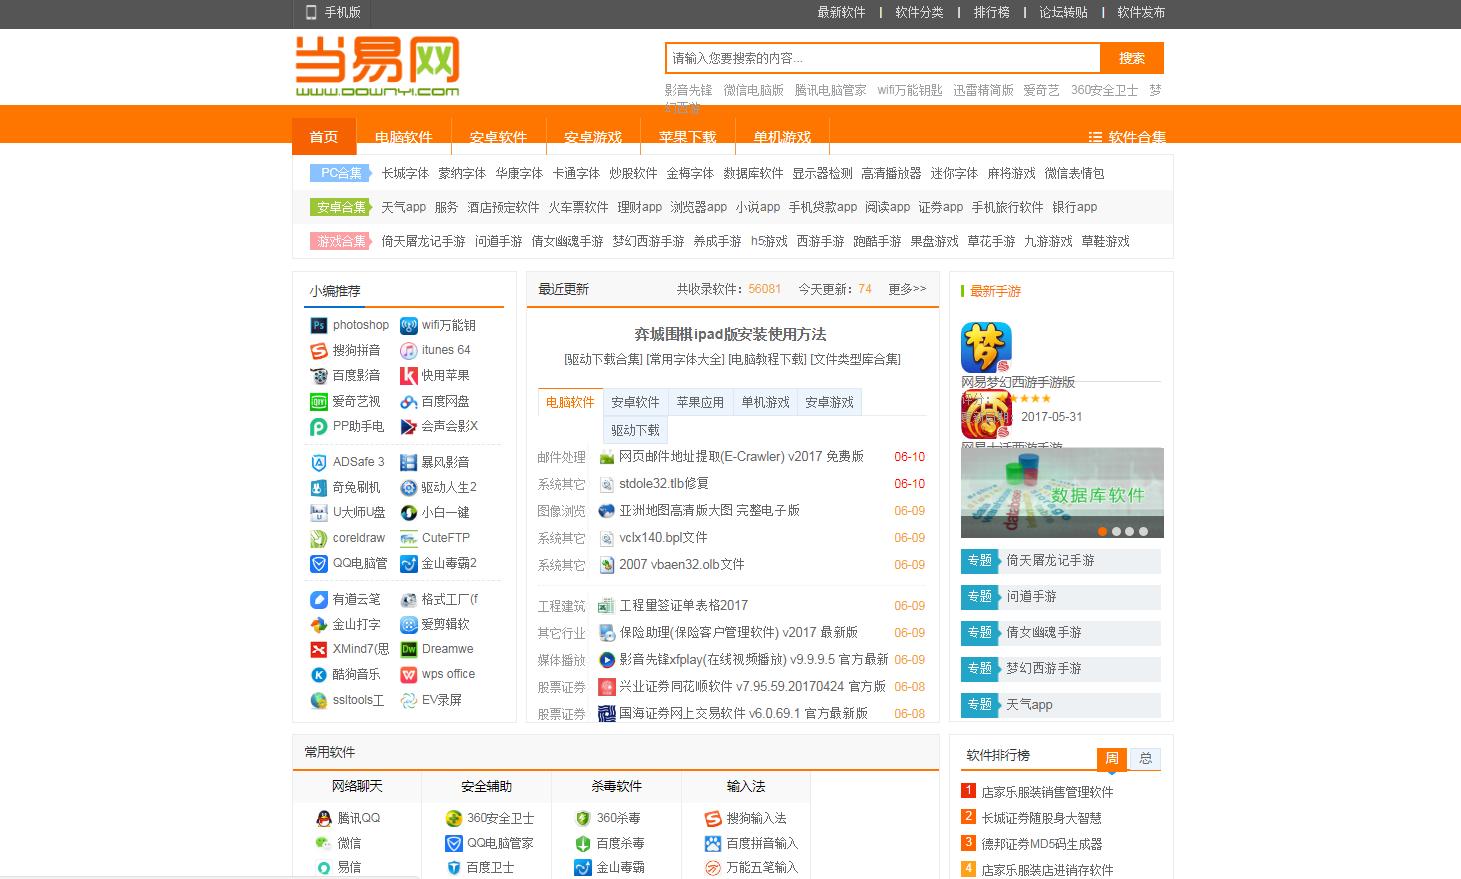 谷歌浏览器chrome 17下载|Google Chrome 官方版中文版 v17.0.963.33